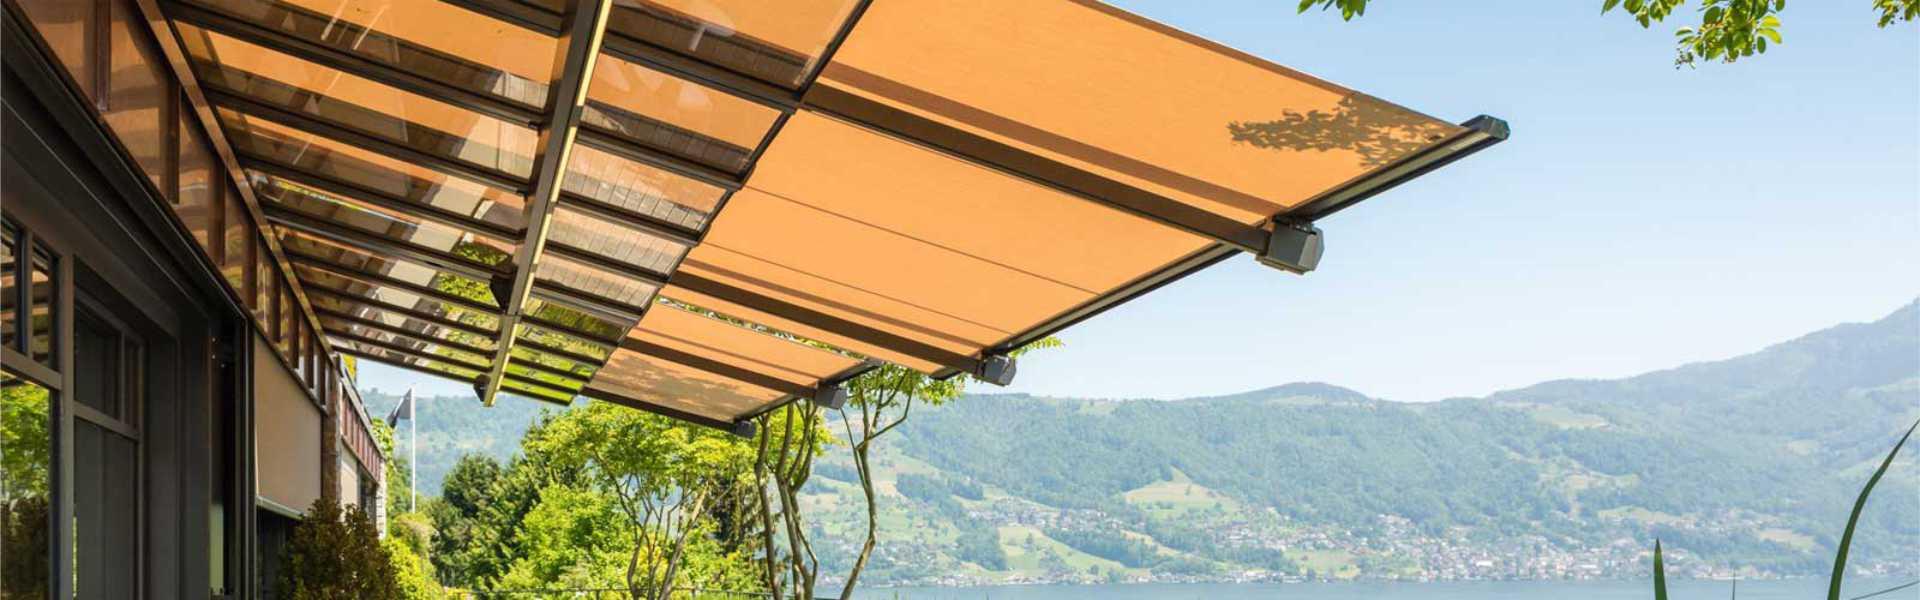 Tende da Sole a Bracci San Bartolomeo al Mare Imperia Savona Costa Azzurra | TENDE & COMPANY